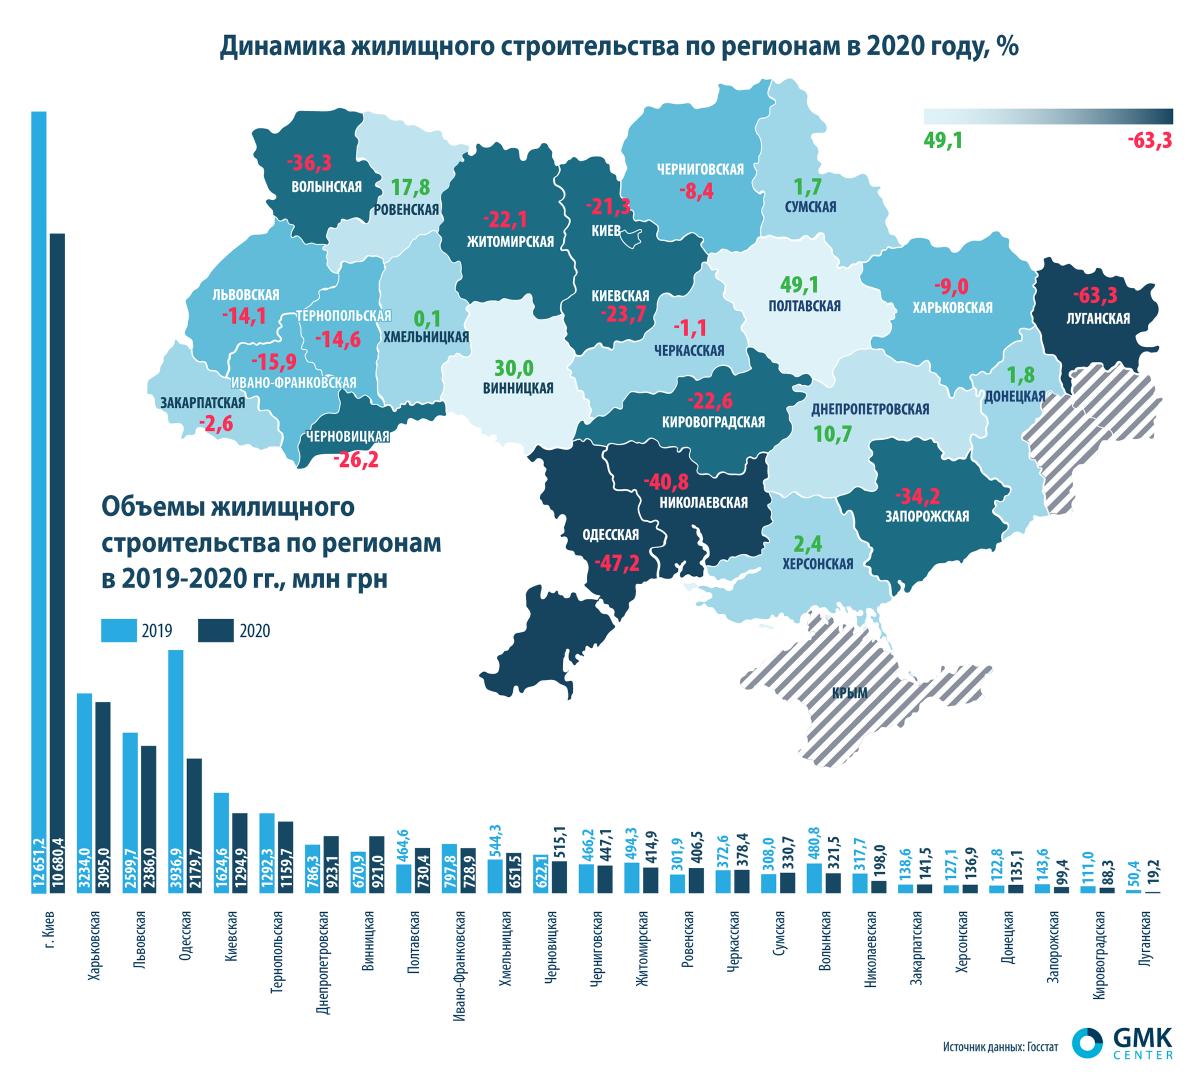 Динамика жилищного строительства по регионам в 2020 году (инфографика)